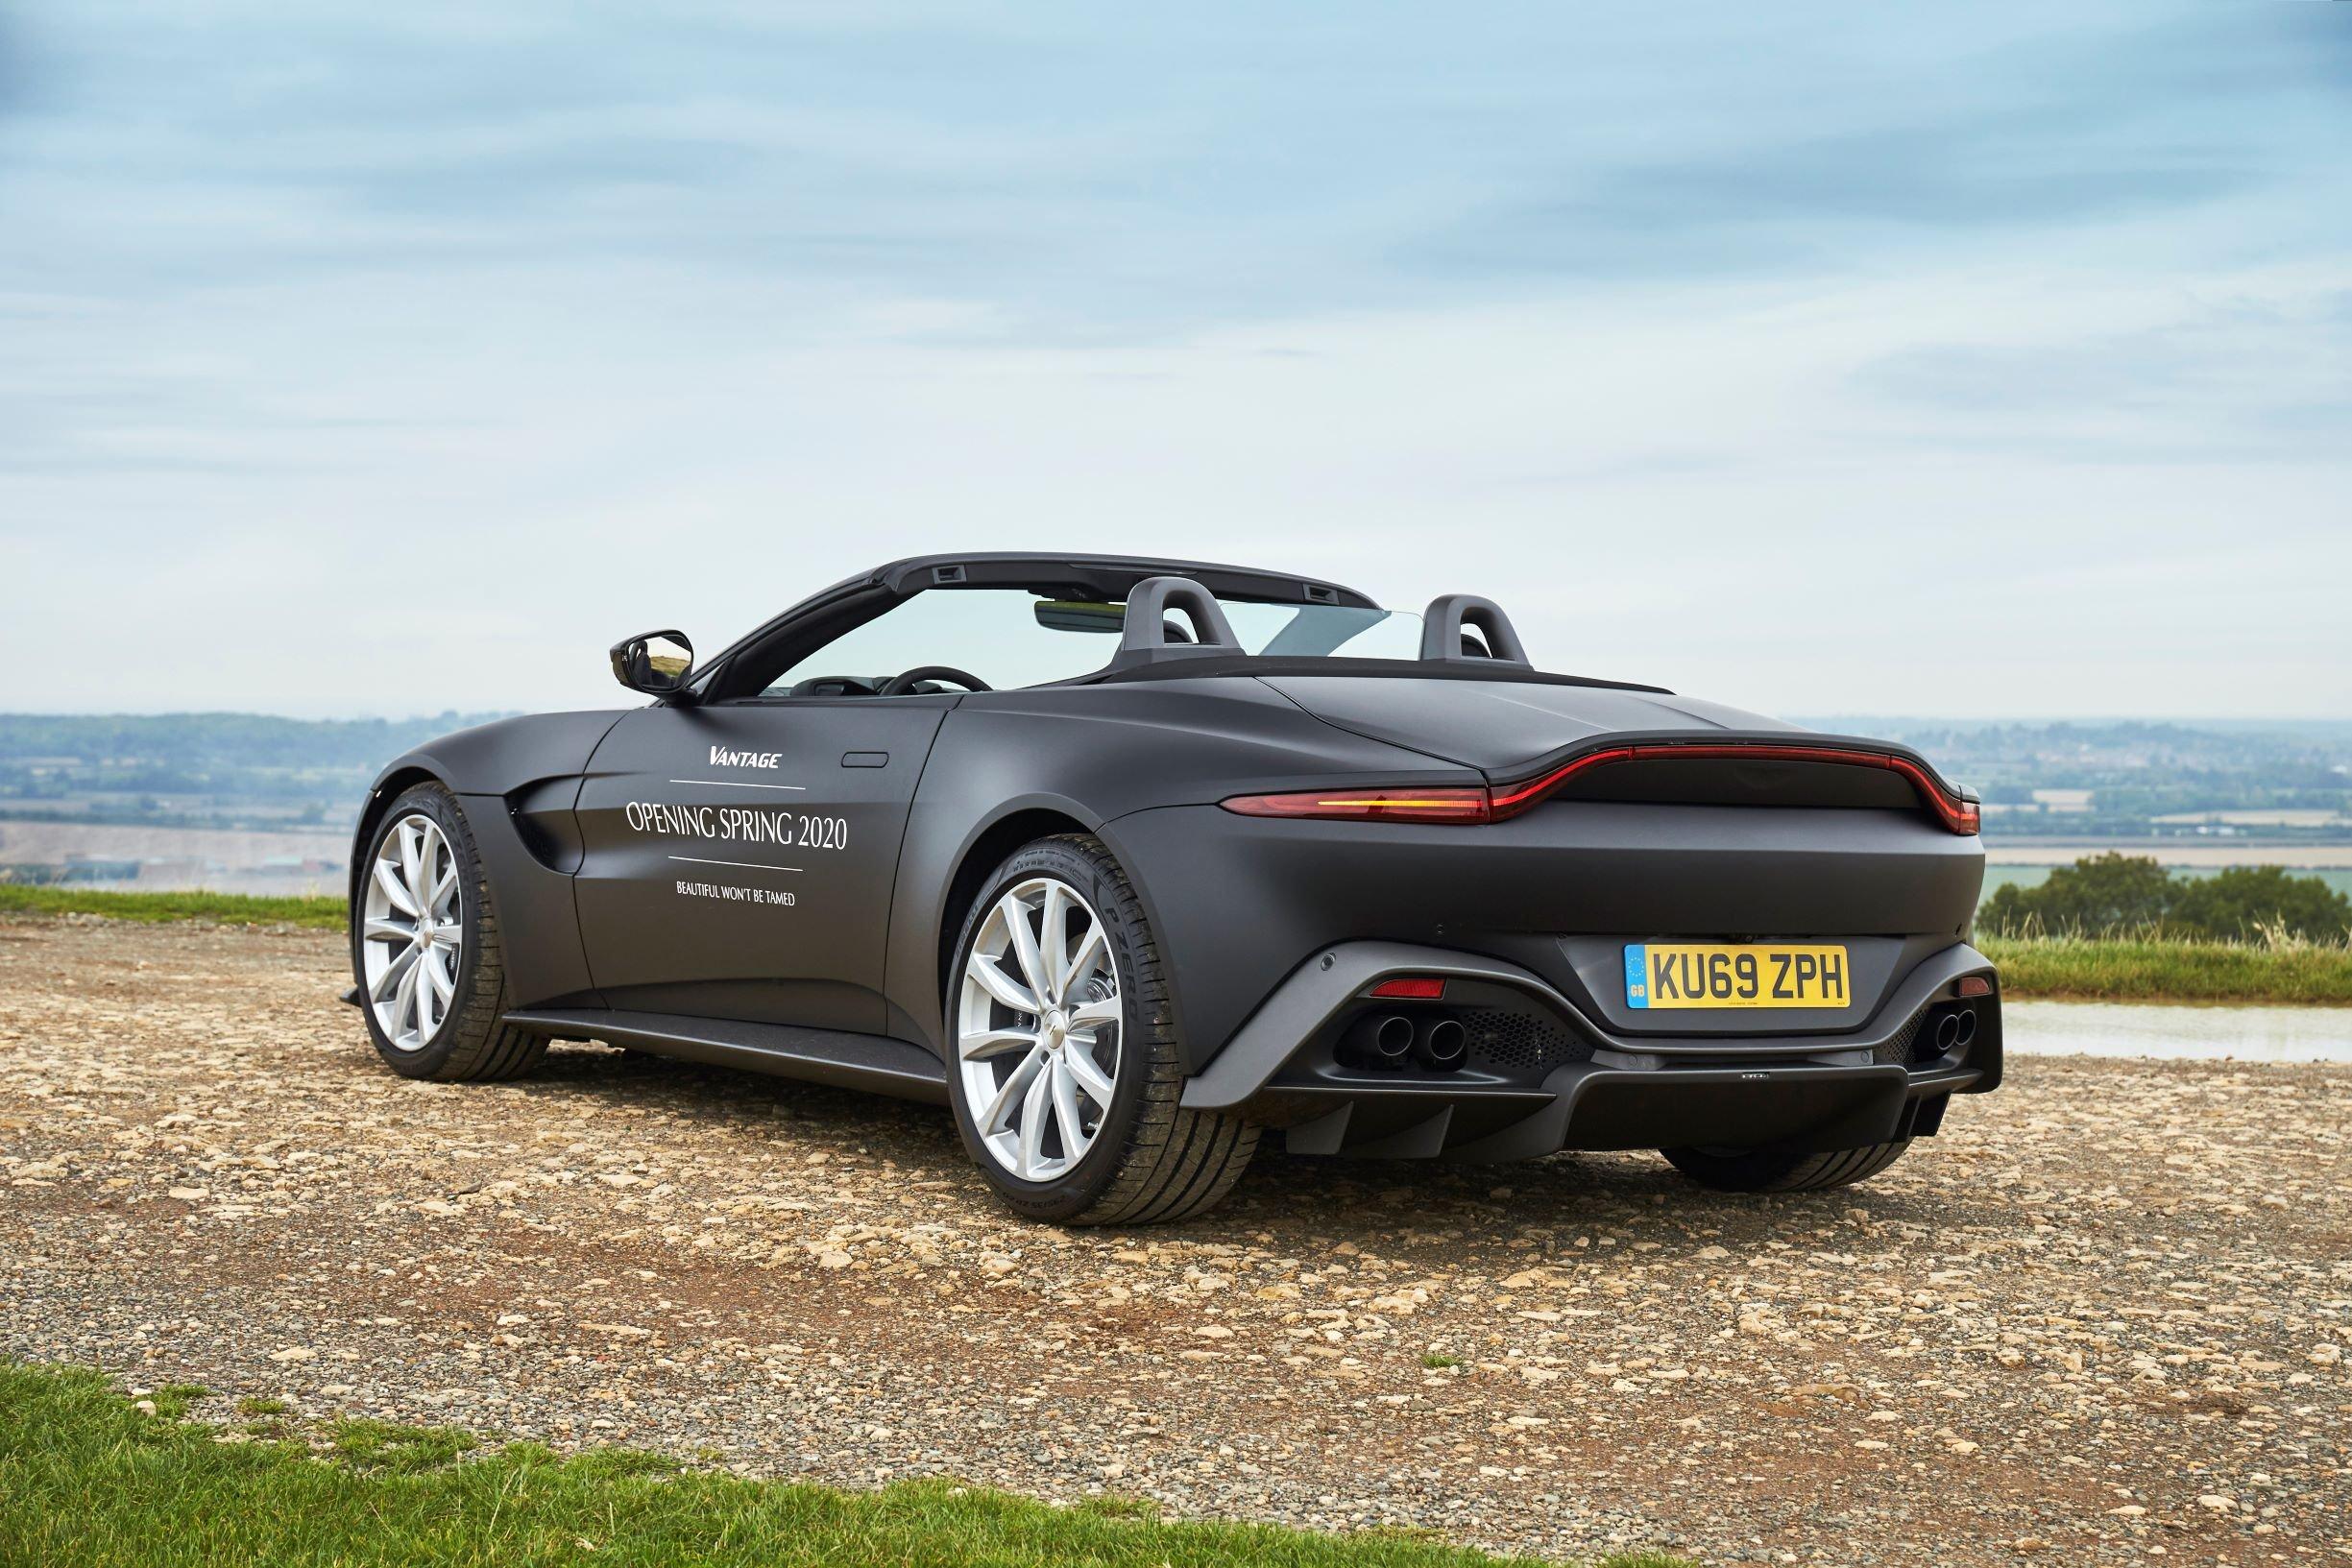 2017 - [Aston Martin] Vantage - Page 4 S0-aston-martin-devoile-les-premieres-images-de-la-vantage-roadster-605493